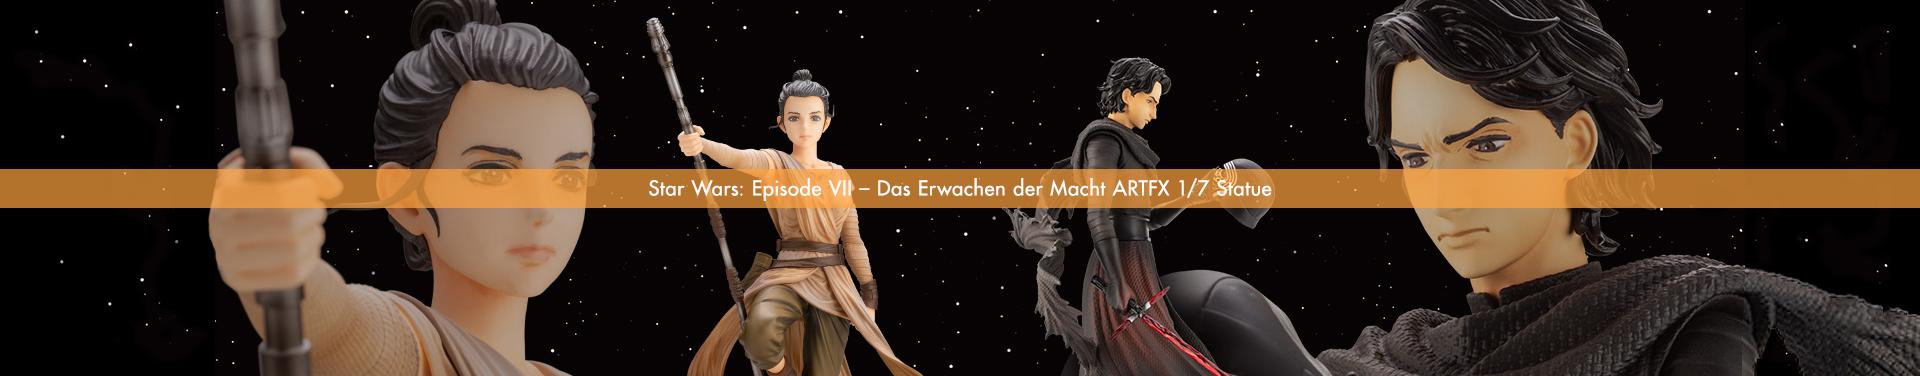 Star Wars: Episode VII – Das Erwachen der Macht ARTFX 1/7 Statue: Rey